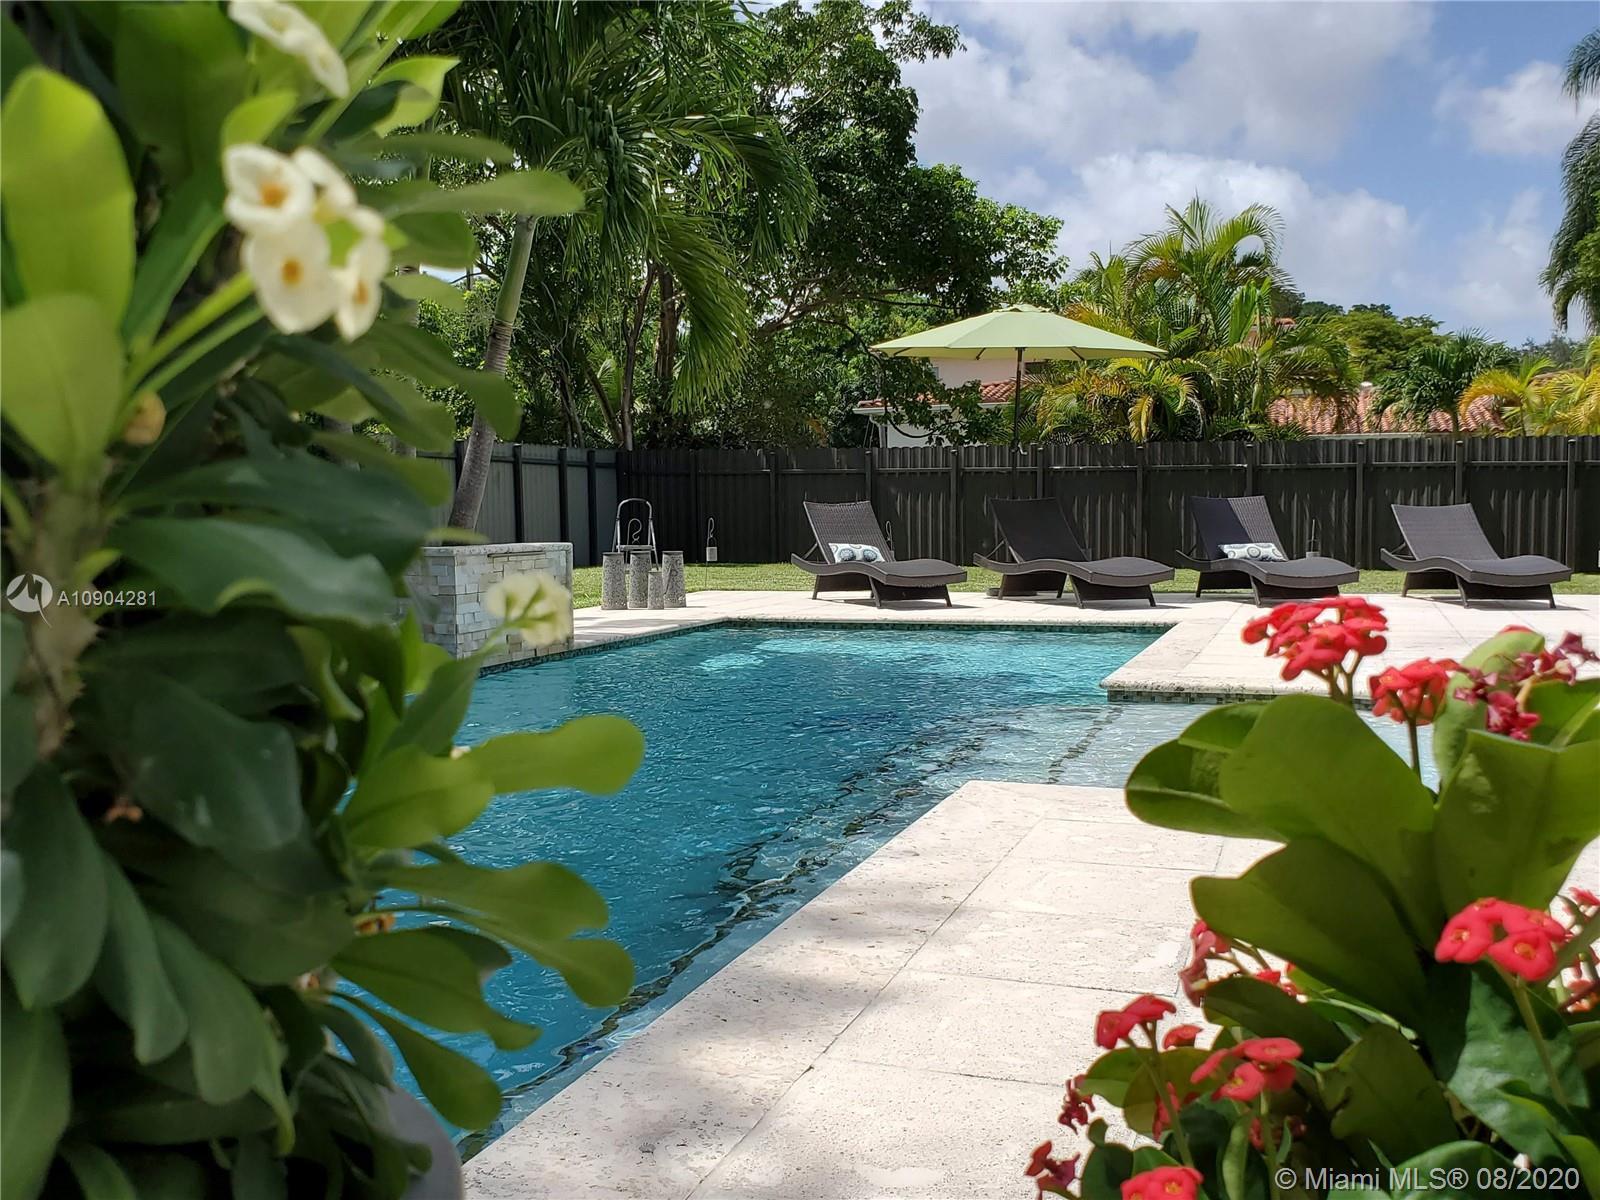 South Miami - 6120 SW 65th Ave, South Miami, FL 33143